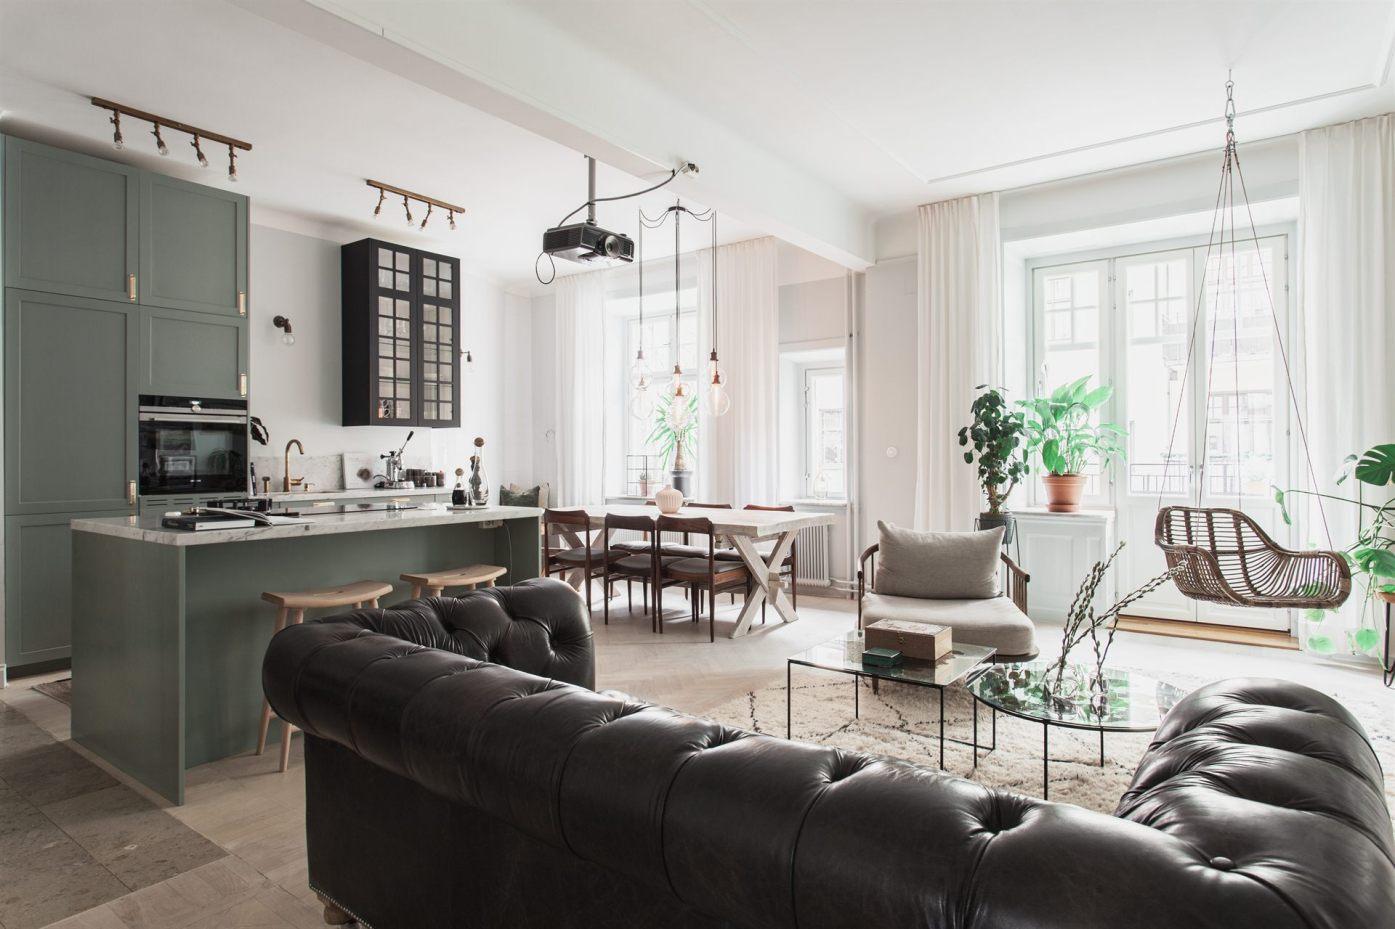 квартира 67 квм гостиная кухня столовая